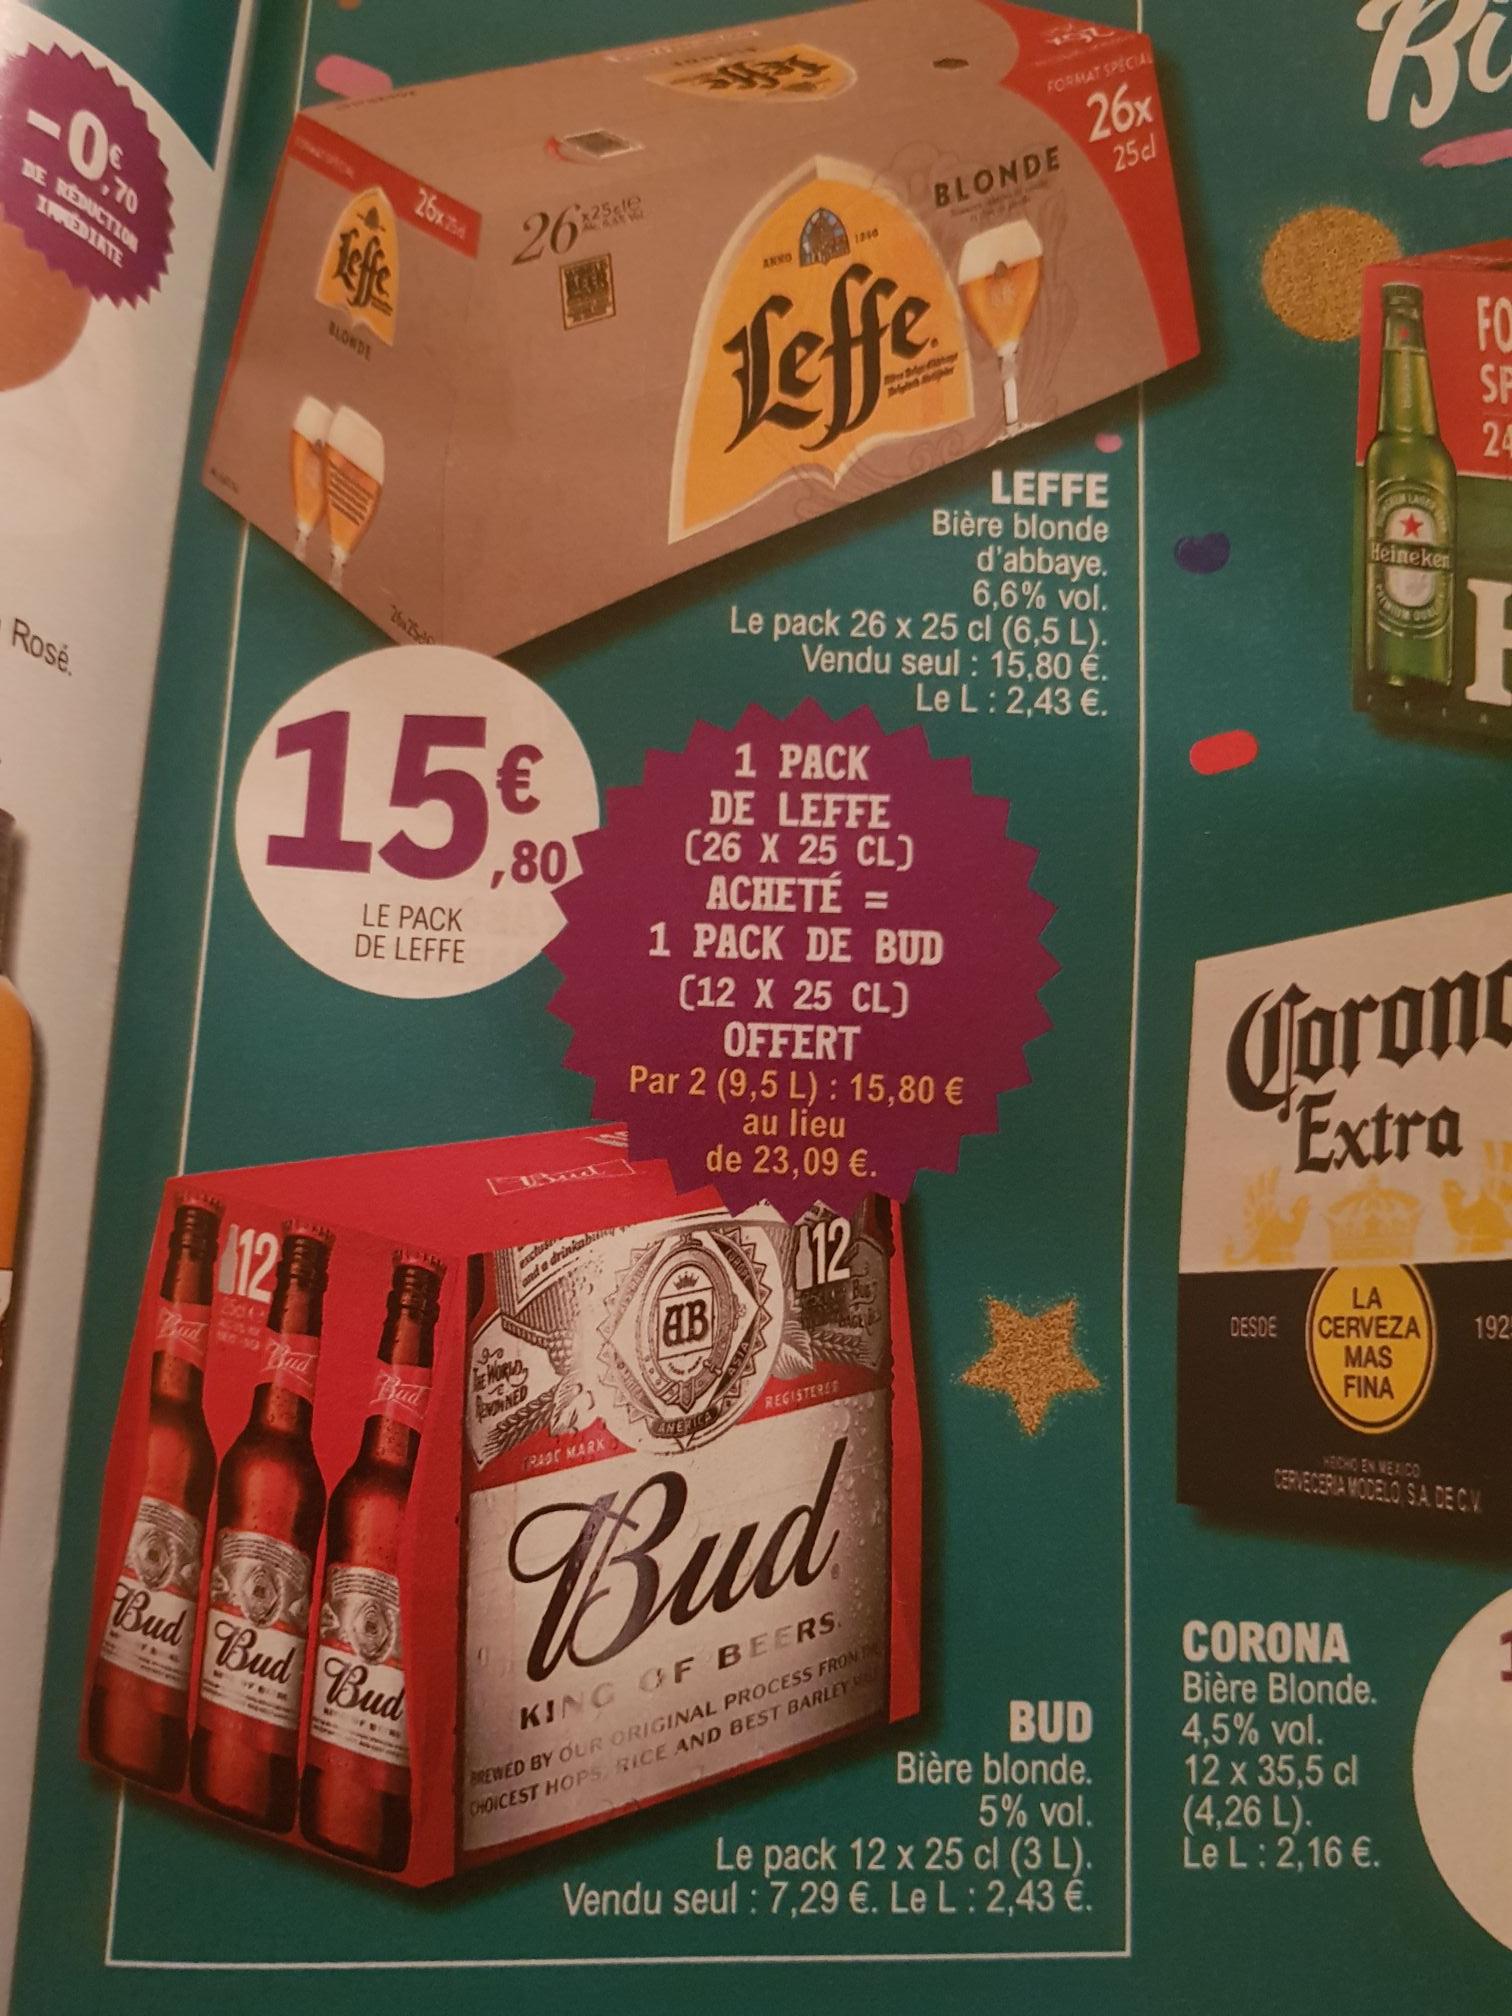 1 Pack de bières Leffe ( 26 x 25 cl) + 1 Pack de bières BUD (12 x 25 cl)